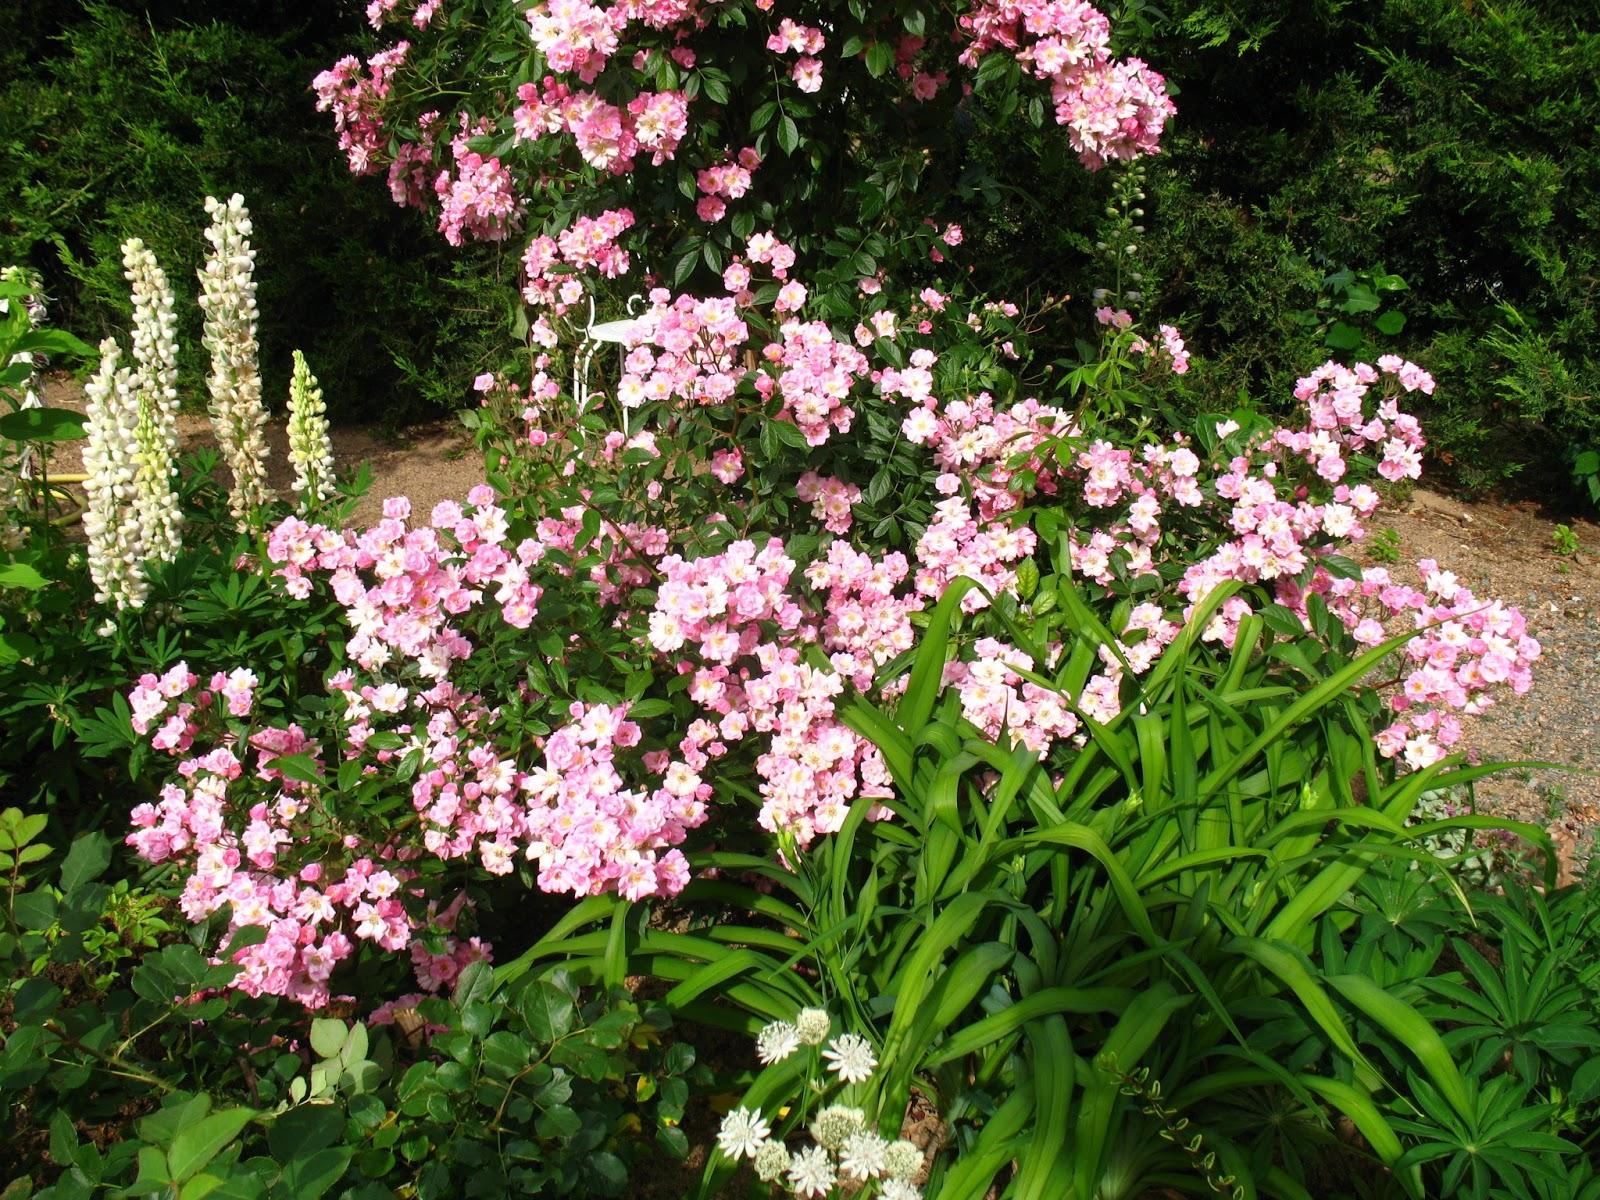 Roses du jardin ch neland rosier marietta silva tarouca - Deplacer un rosier ...